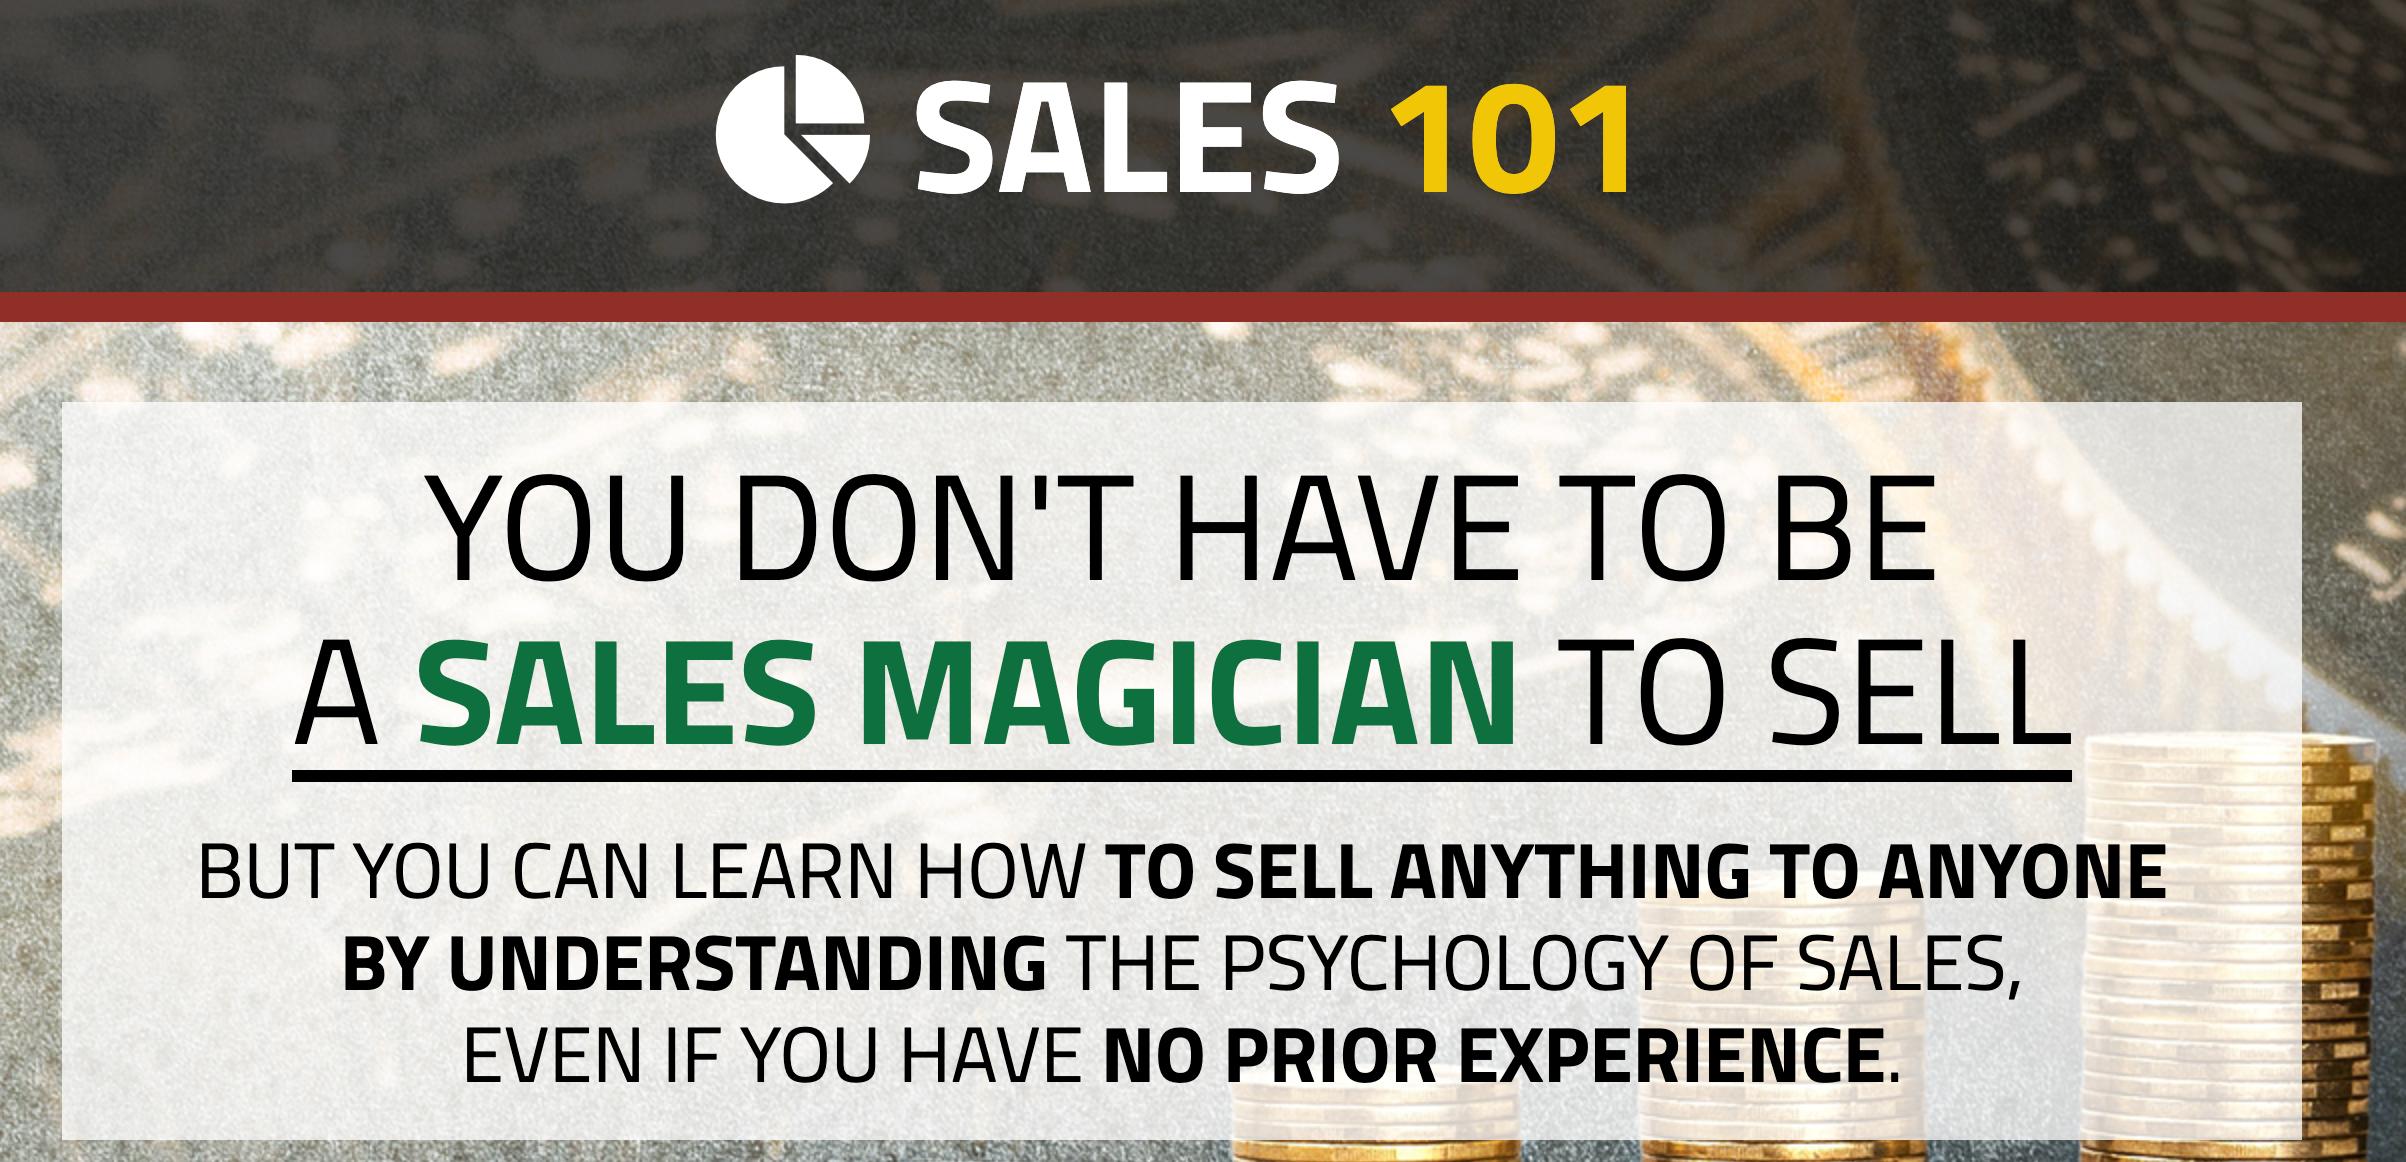 Sales 101 Course – Secret Entourage Academy